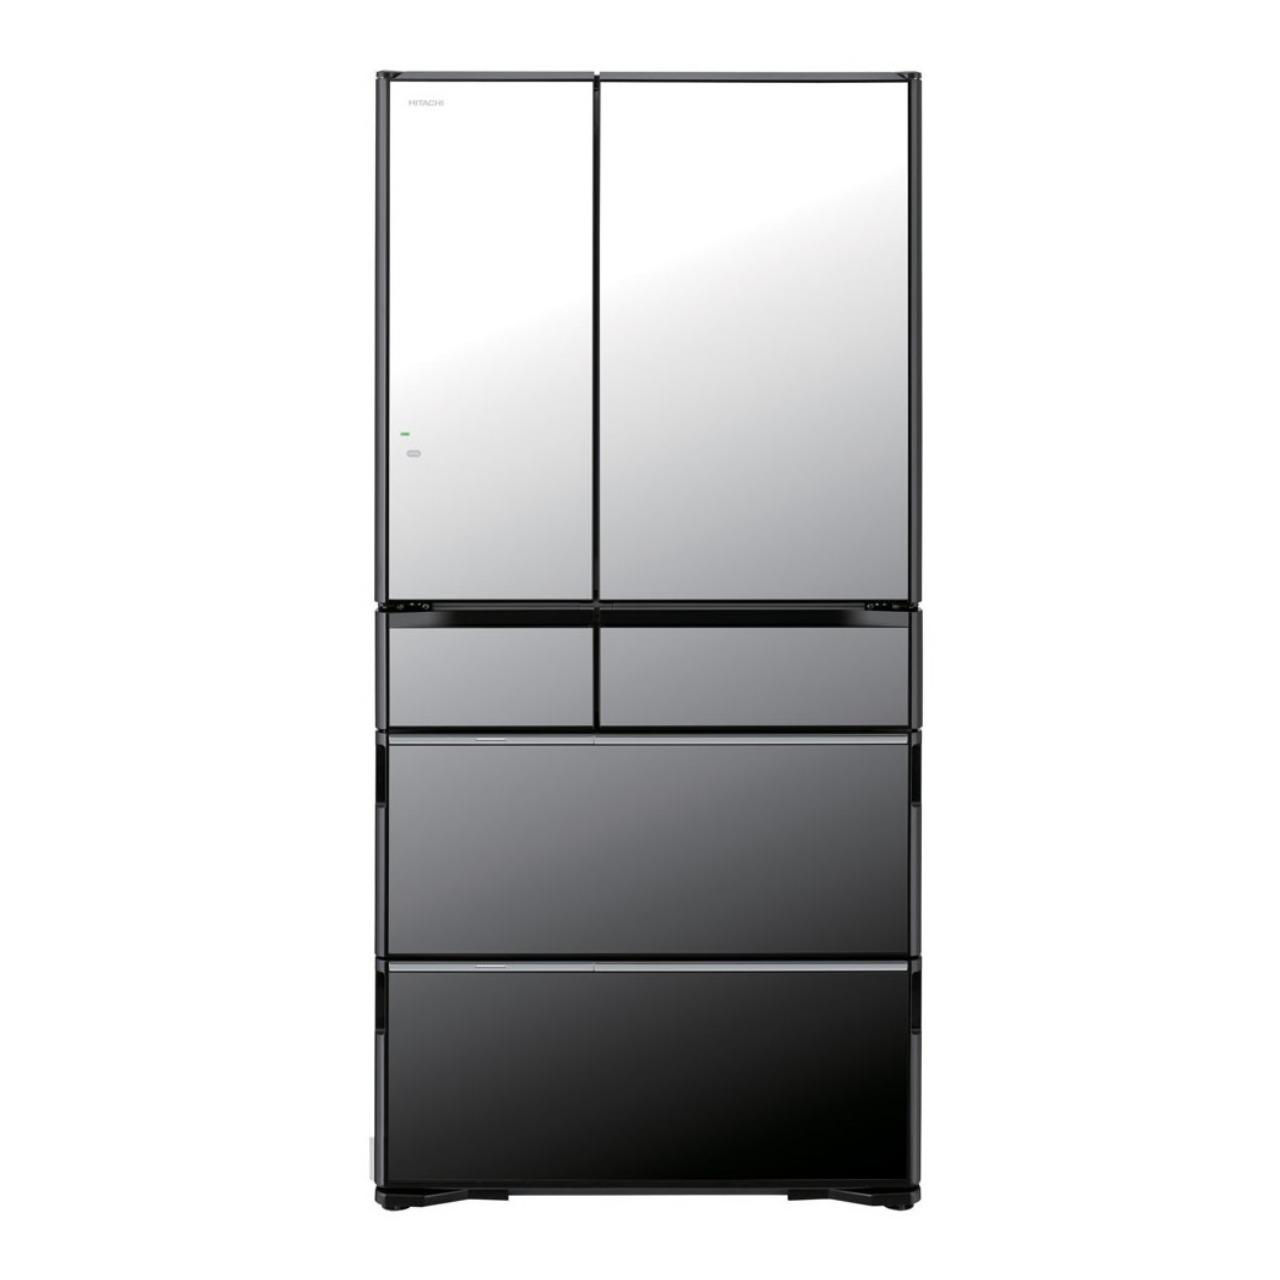 日立真空チルドR-WX7400G冷蔵庫